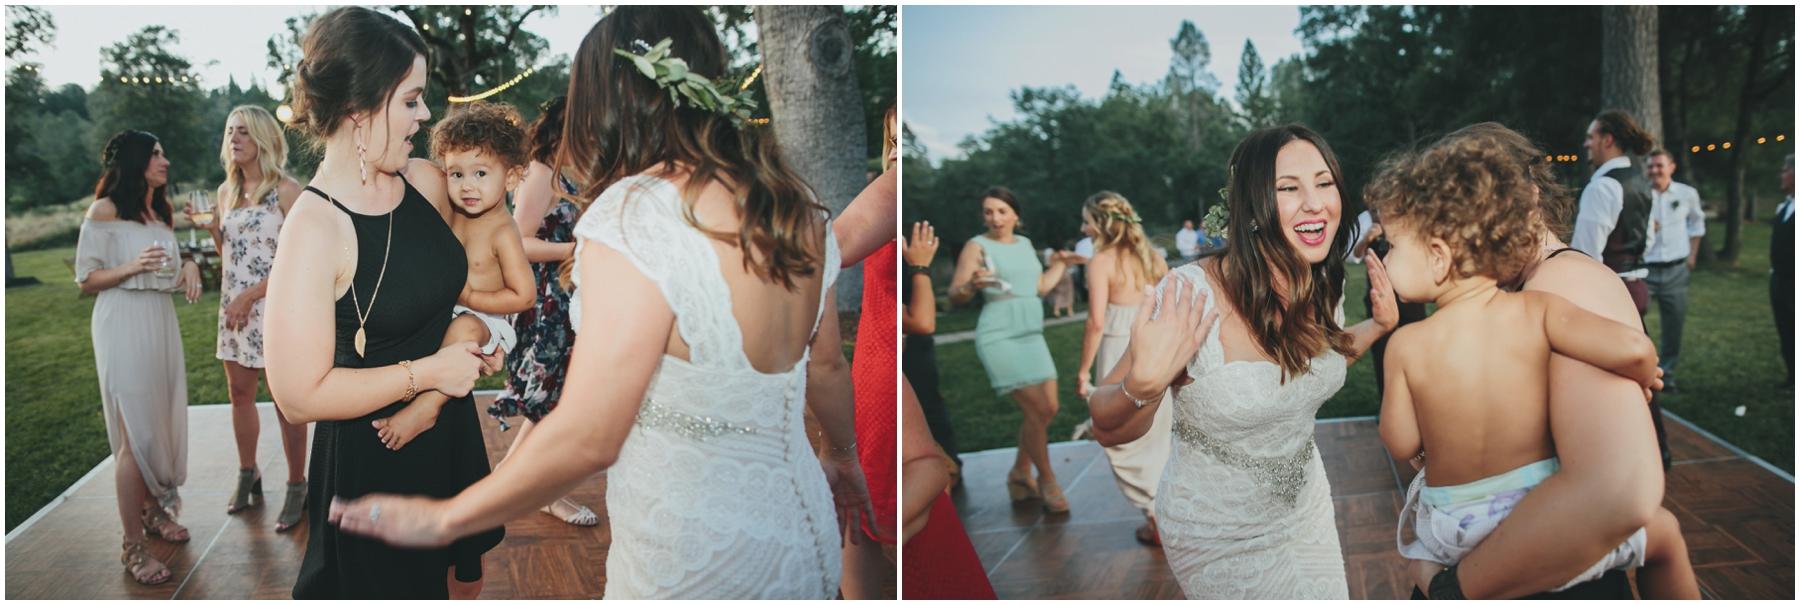 amandabrendan-wedding_web_0153